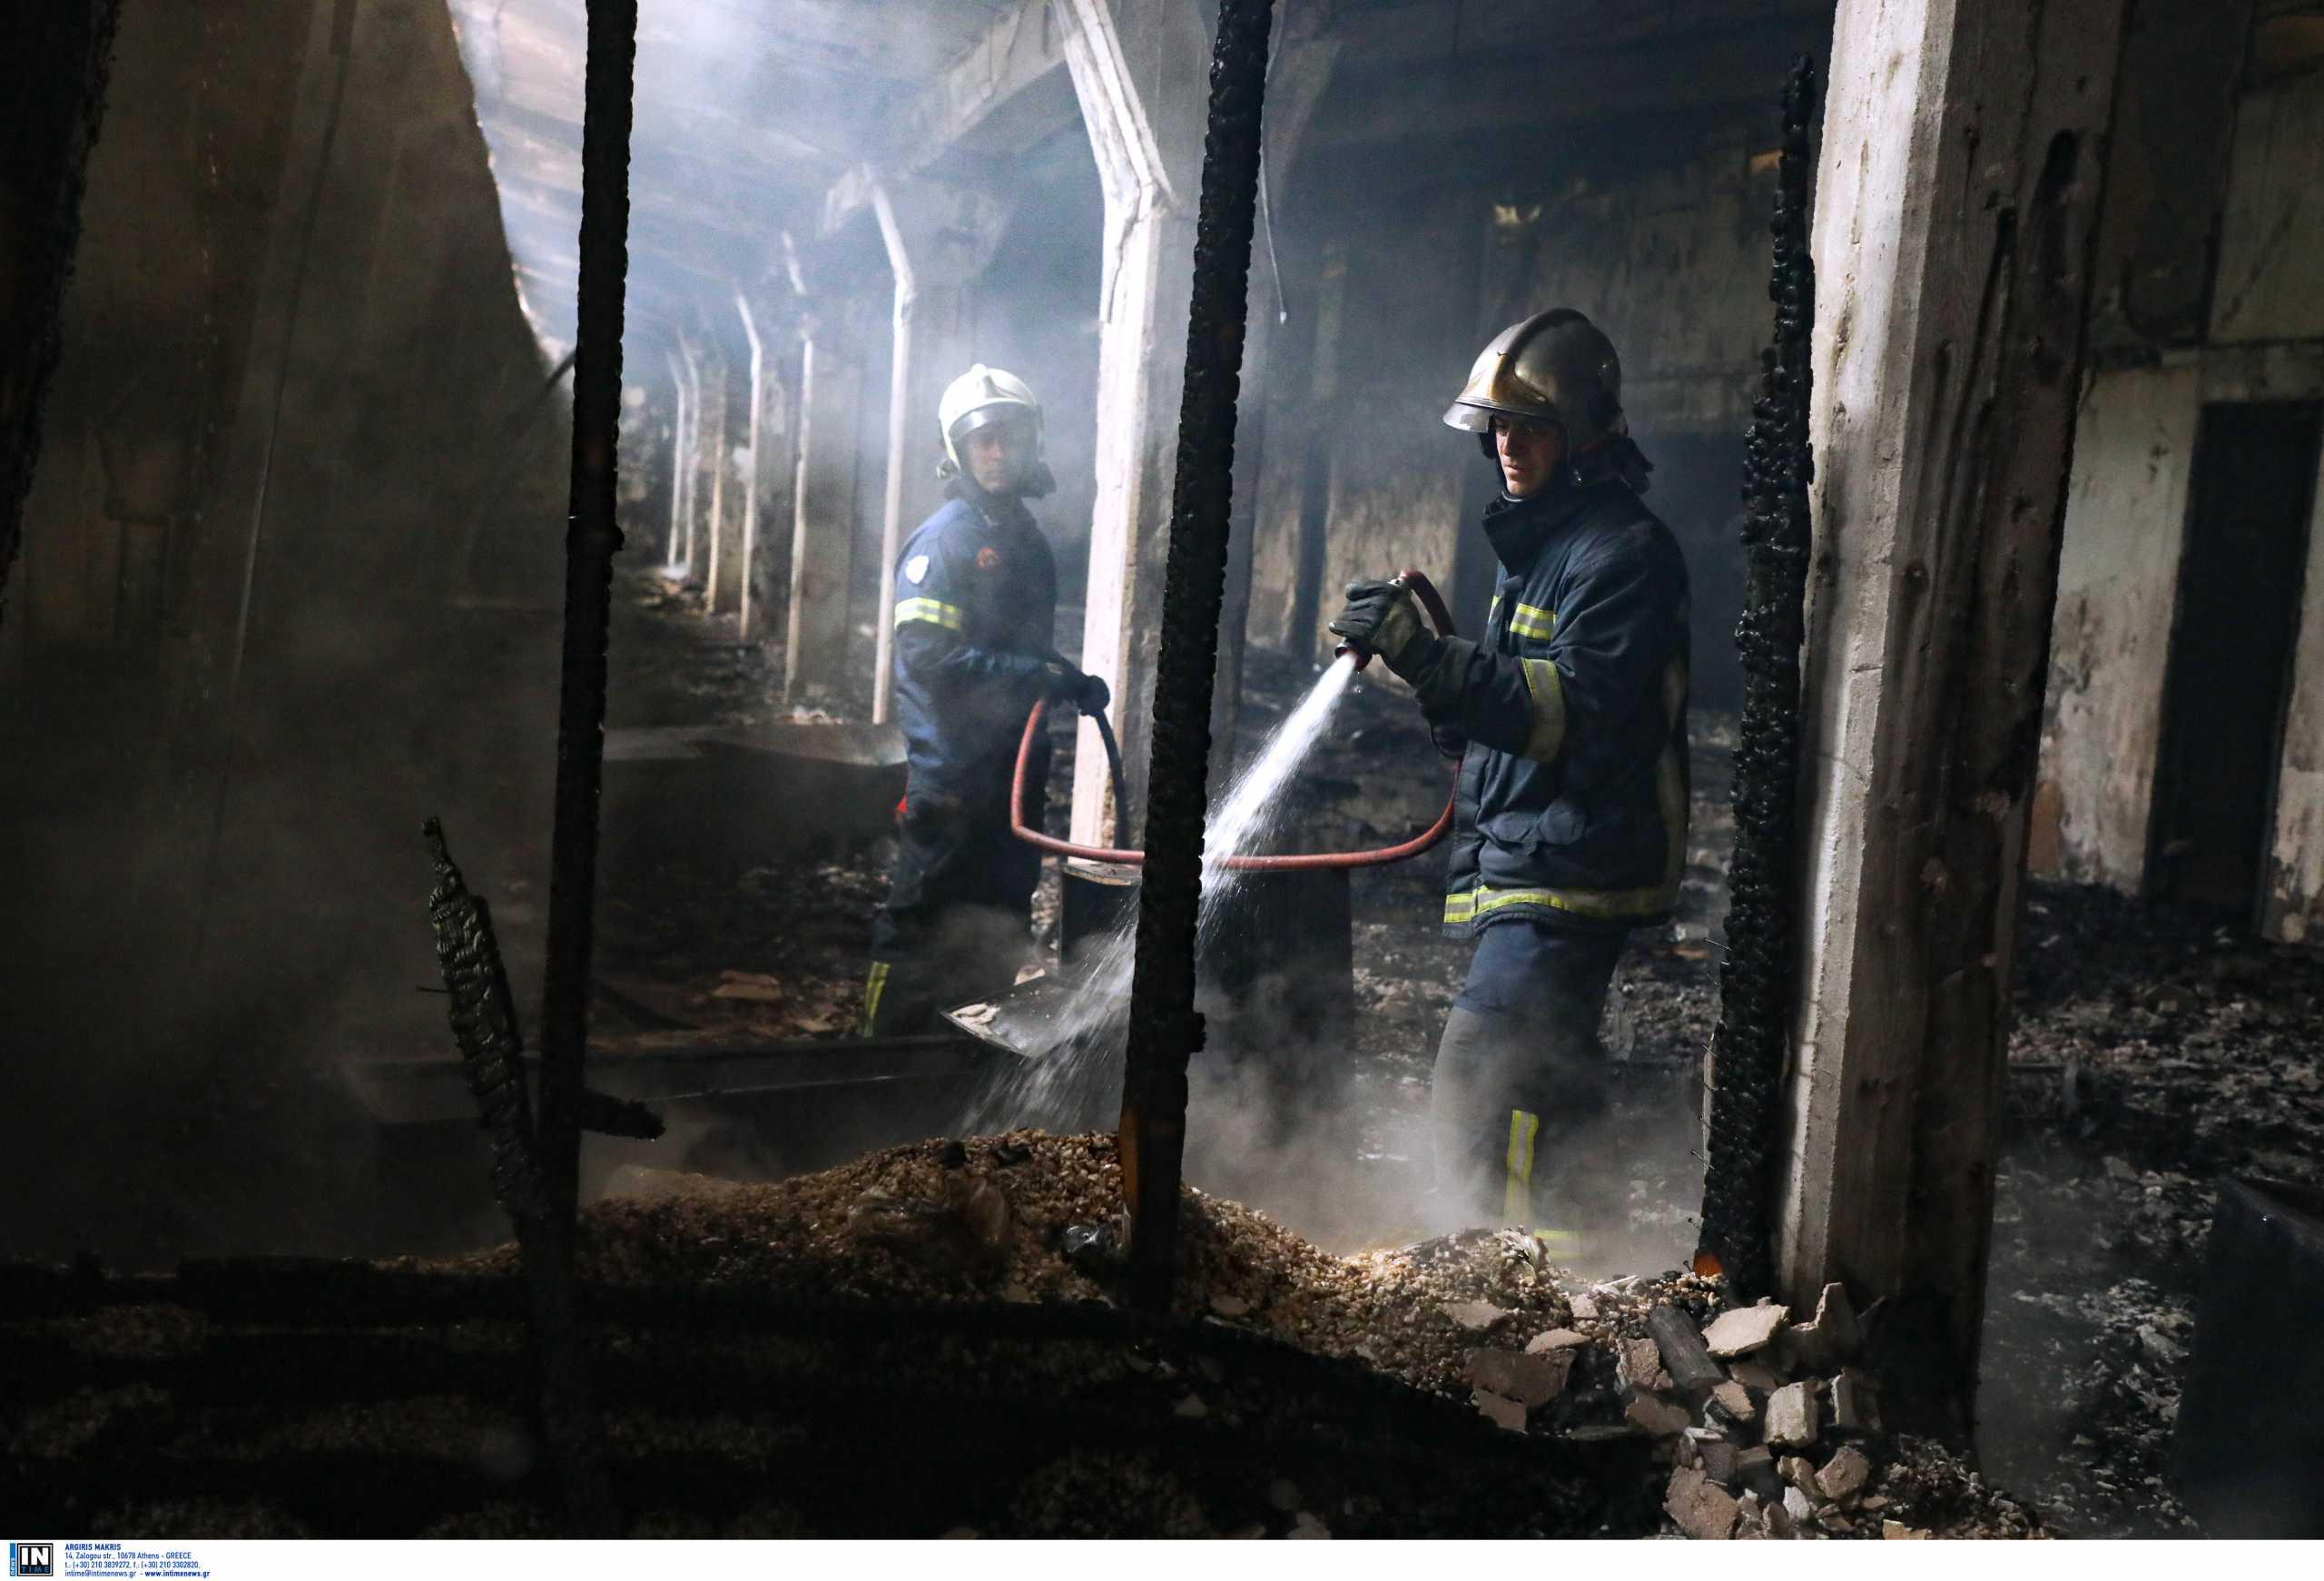 Τραγωδία στη Λάρισα – Άνδρας «έσβησε» στις φλόγες – Απεγκλωβίστηκε νεκρός